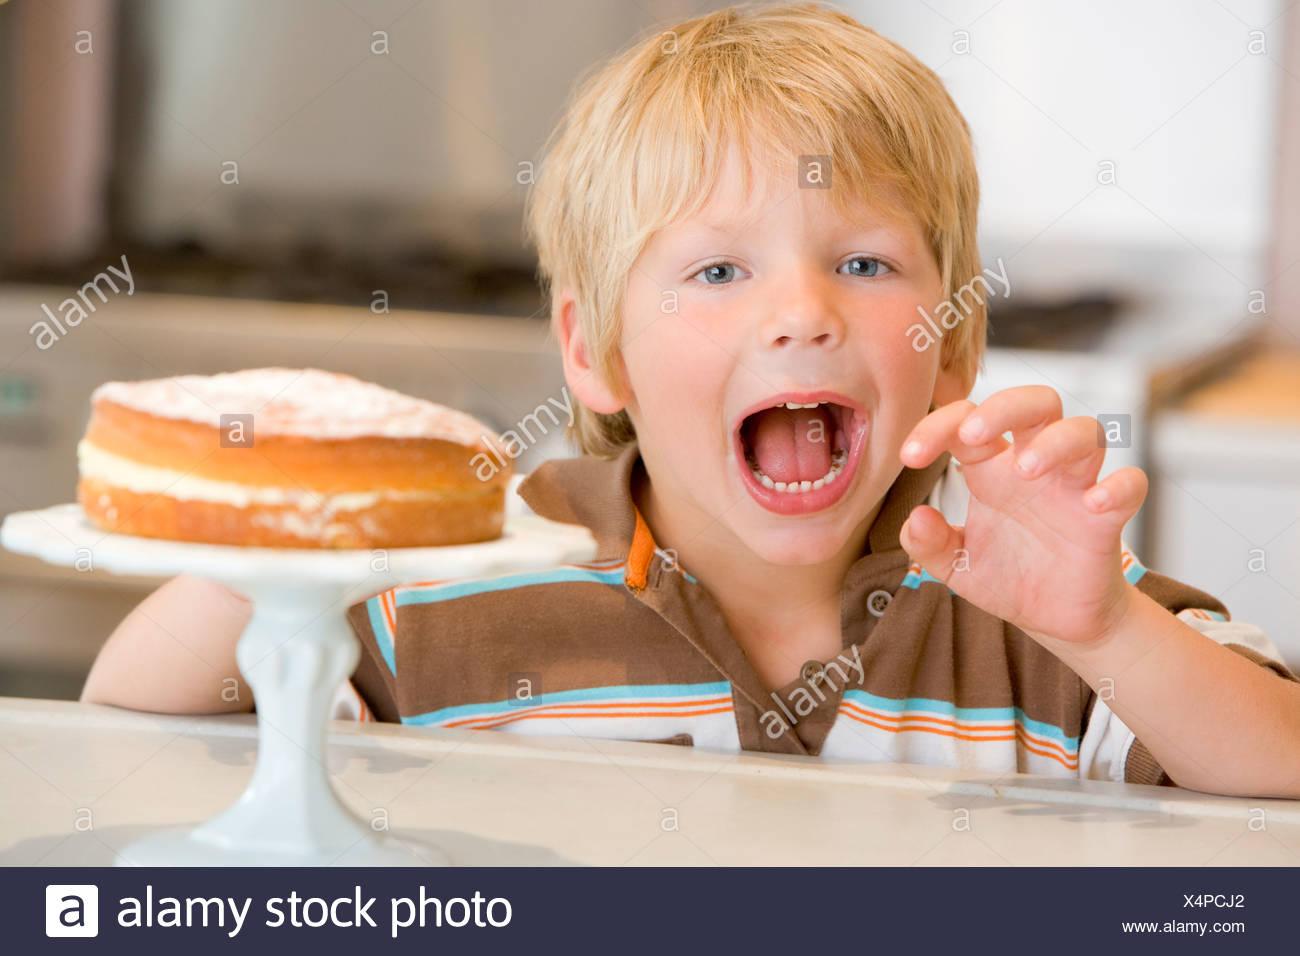 Giovane ragazzo in cucina con torta sul contatore Immagini Stock